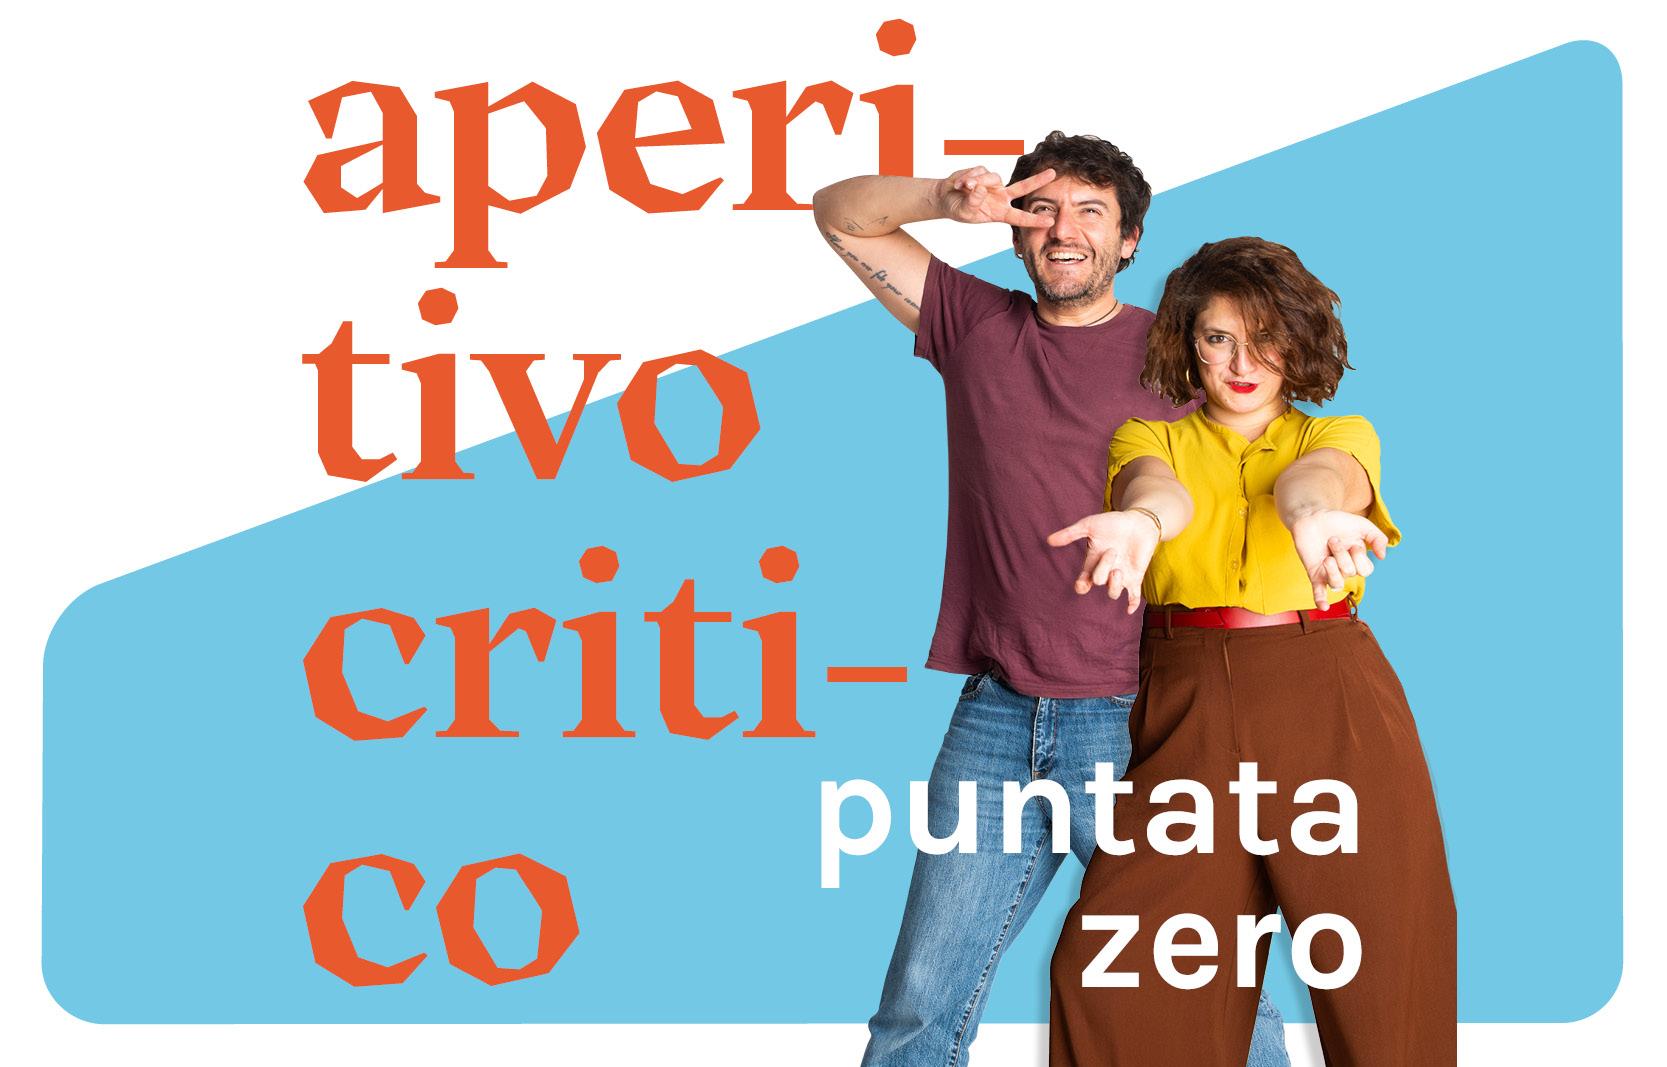 Aperitivo critico – puntata zero